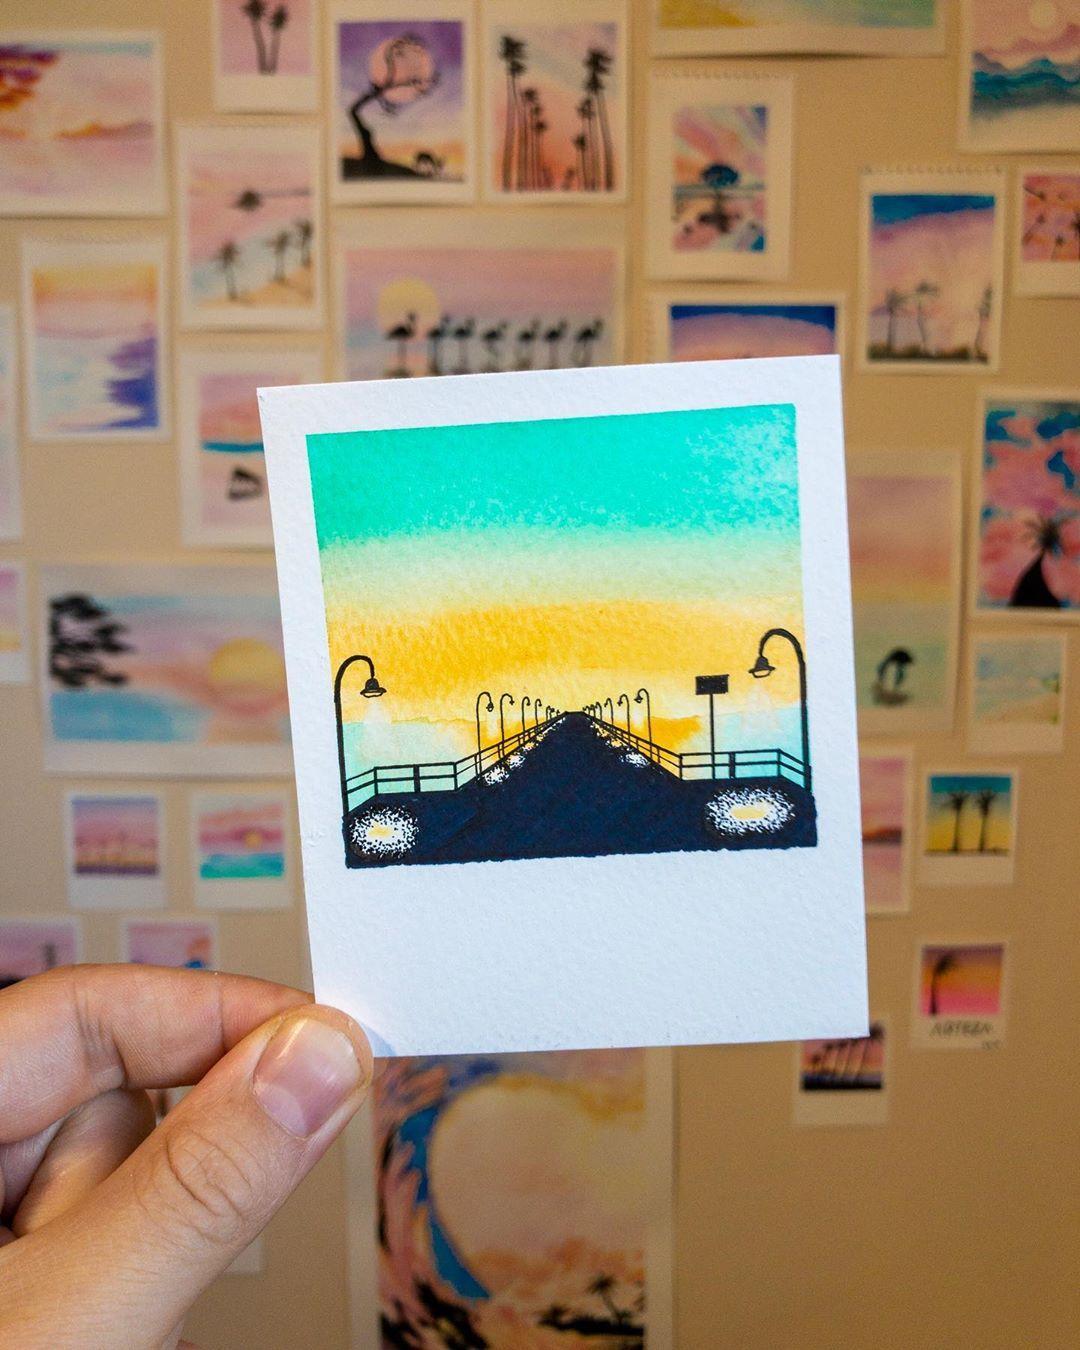 Robert Talbot On Instagram Paintbrush Polaroids 21 7 19 3 5x4